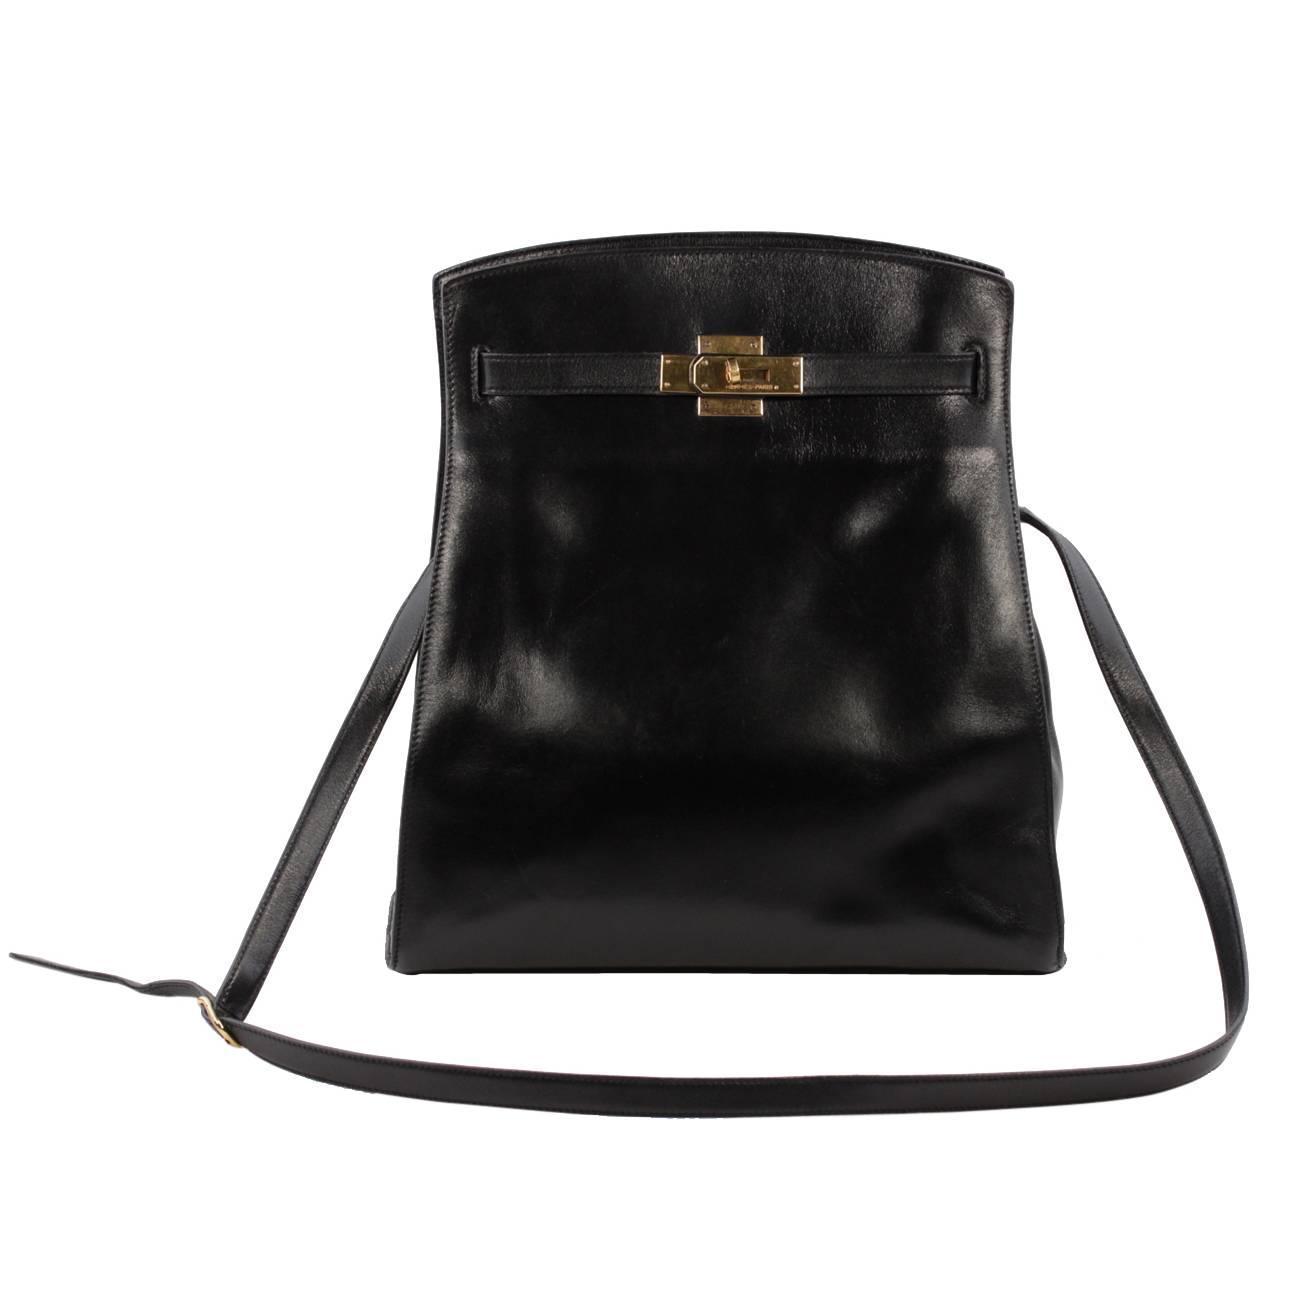 Vintage Herm¨¨s Shoulder Bags - 180 For Sale at 1stdibs - Page 2